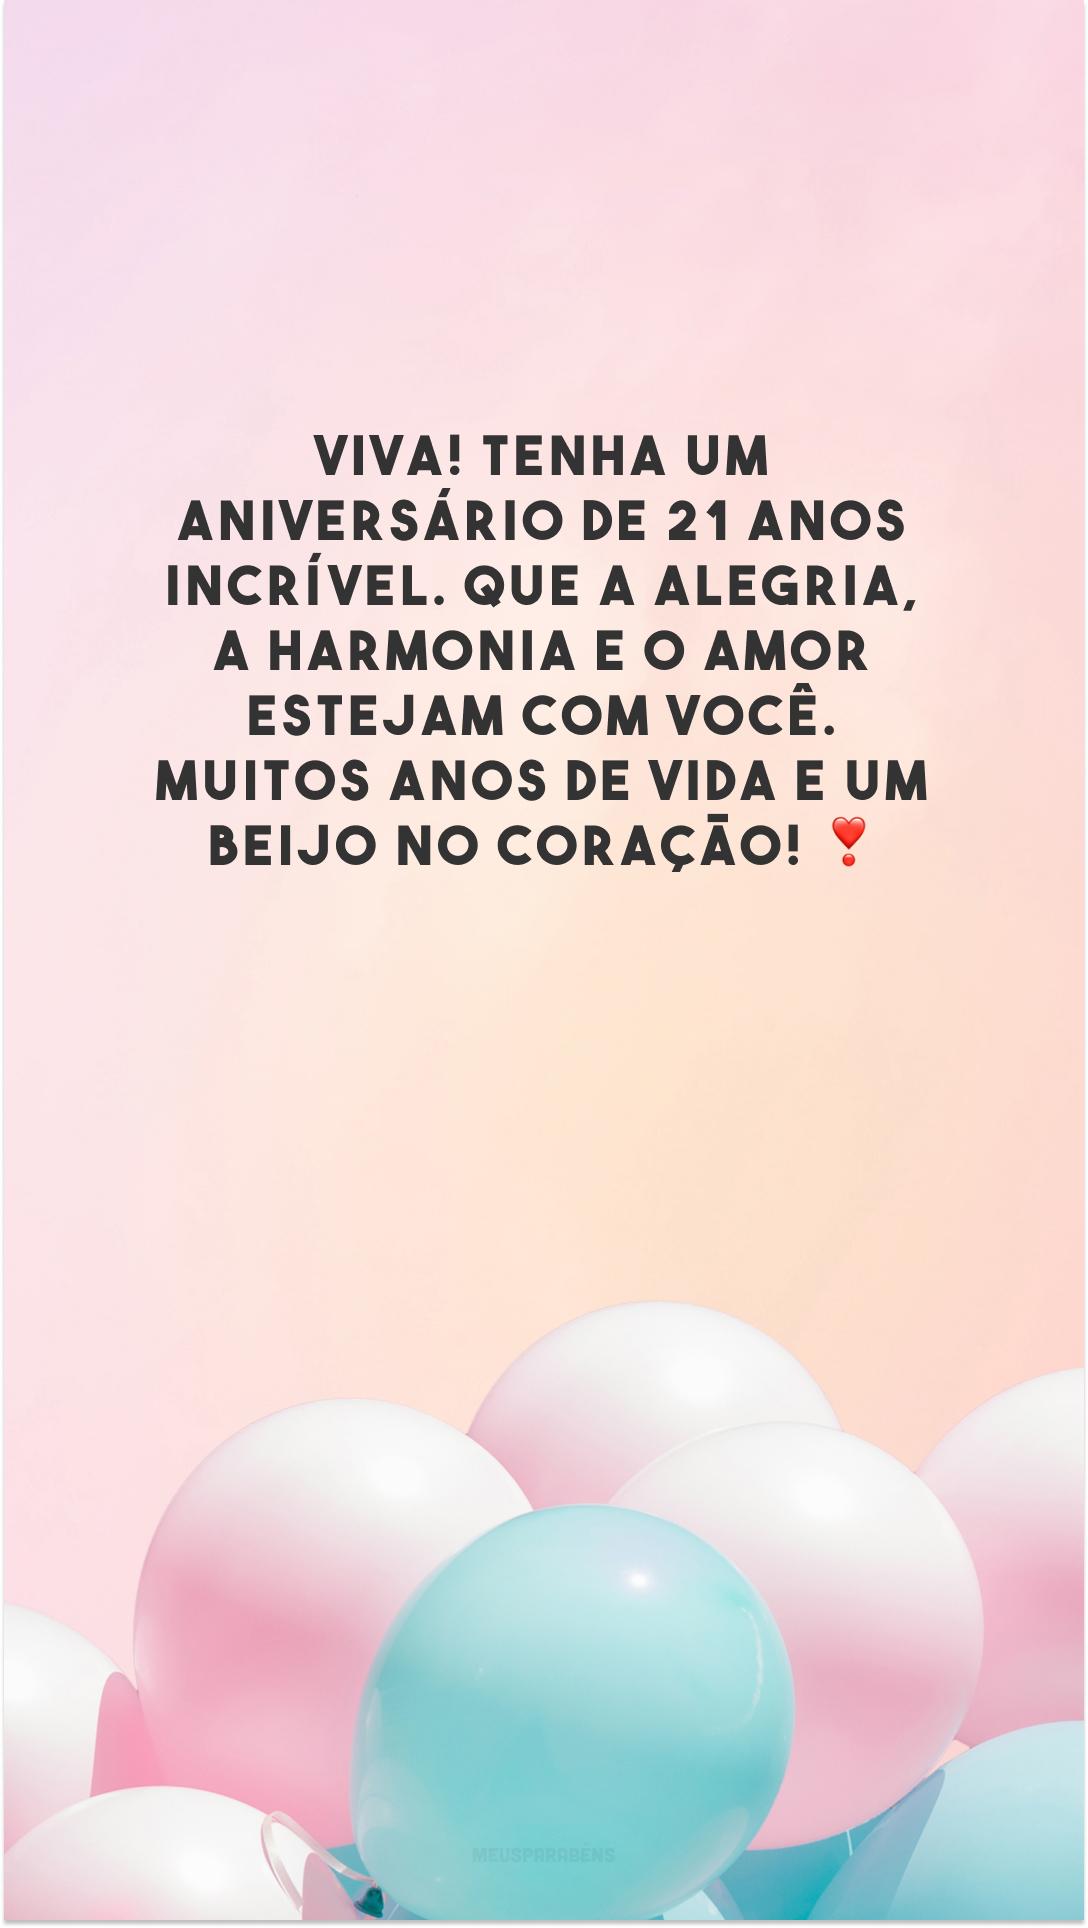 Viva! Tenha um aniversário de 21 anos incrível. Que a alegria, a harmonia e o amor estejam com você. Muitos anos de vida e um beijo no coração! ❣️